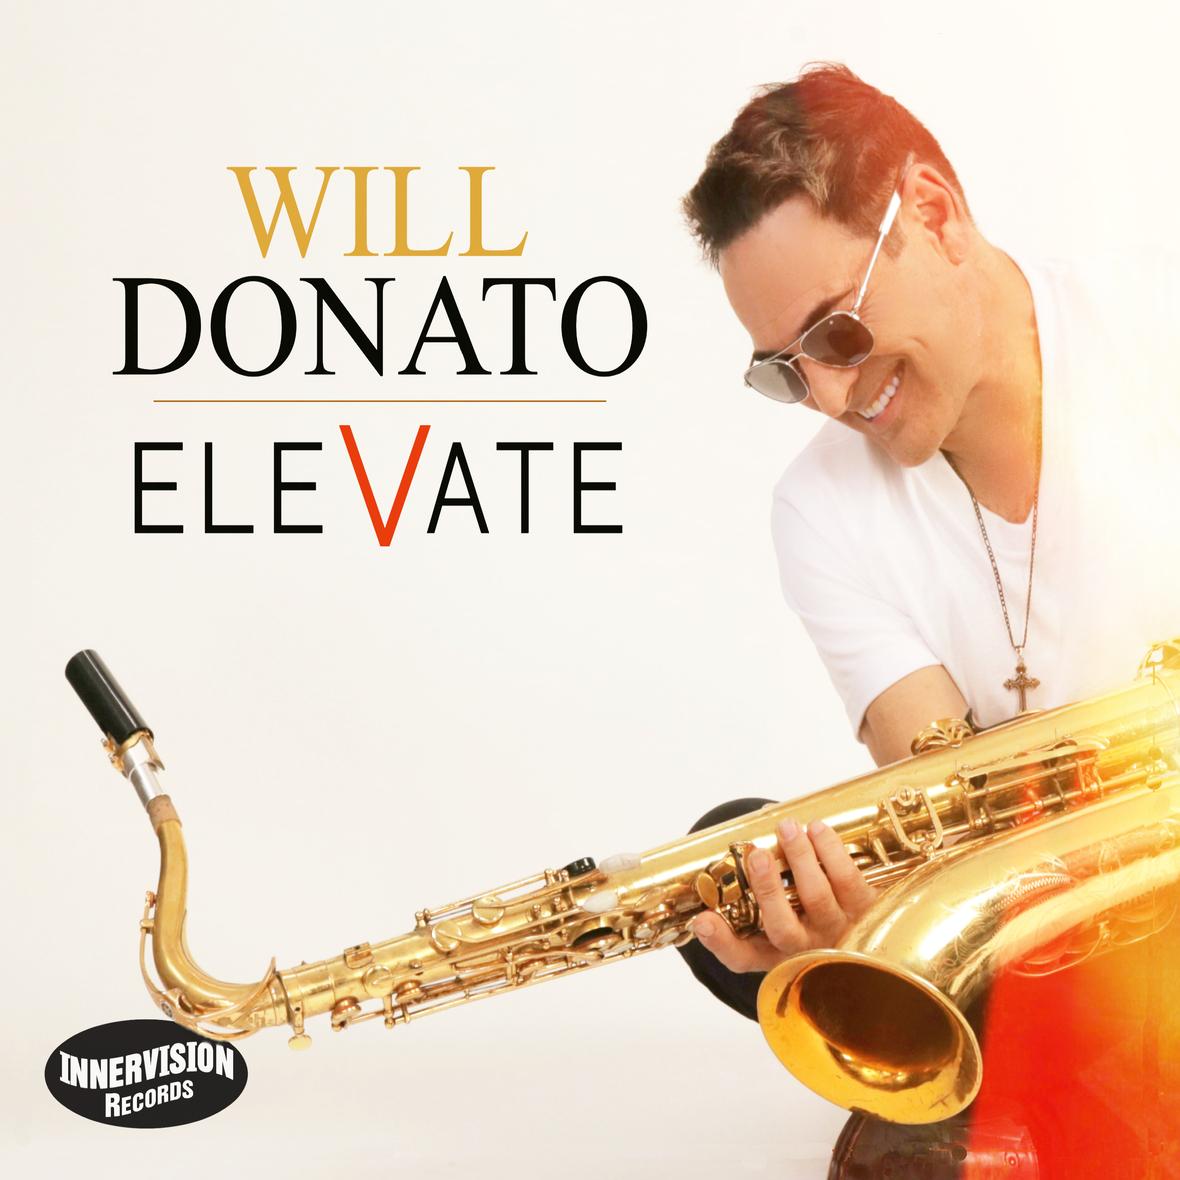 Will Donato - Elevate - Cover No Line